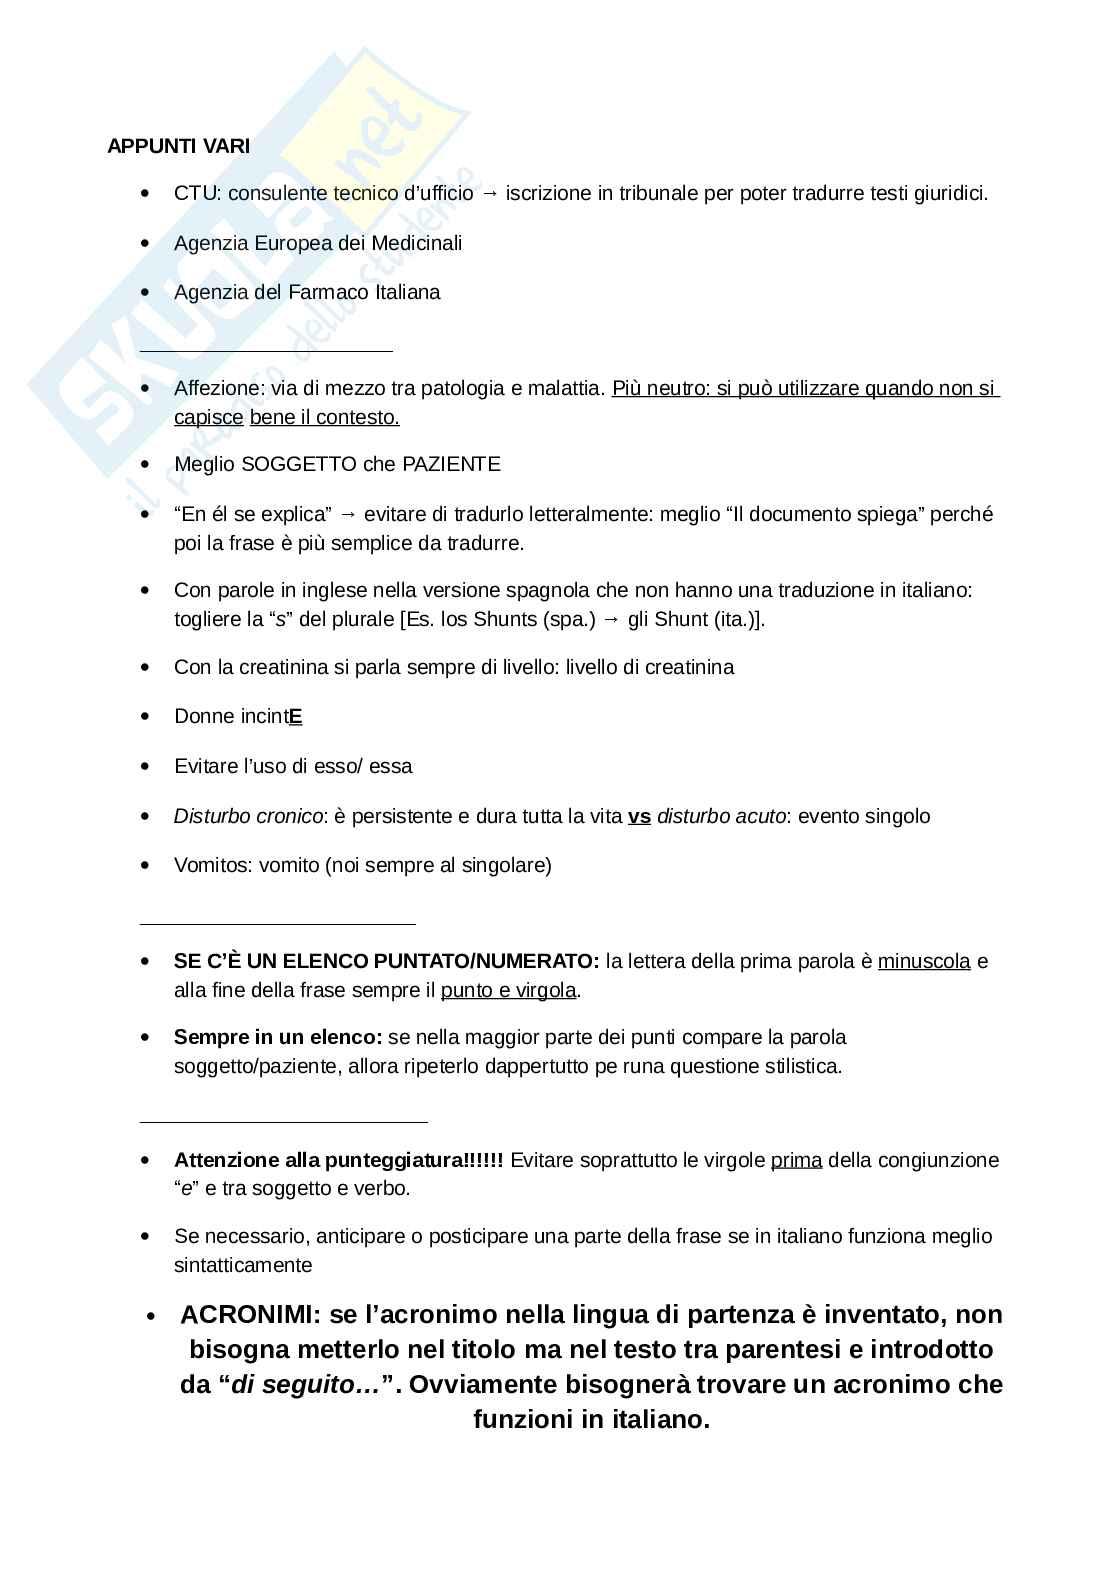 Appunti e Glossario Foglietto Illustrativo Spagnolo